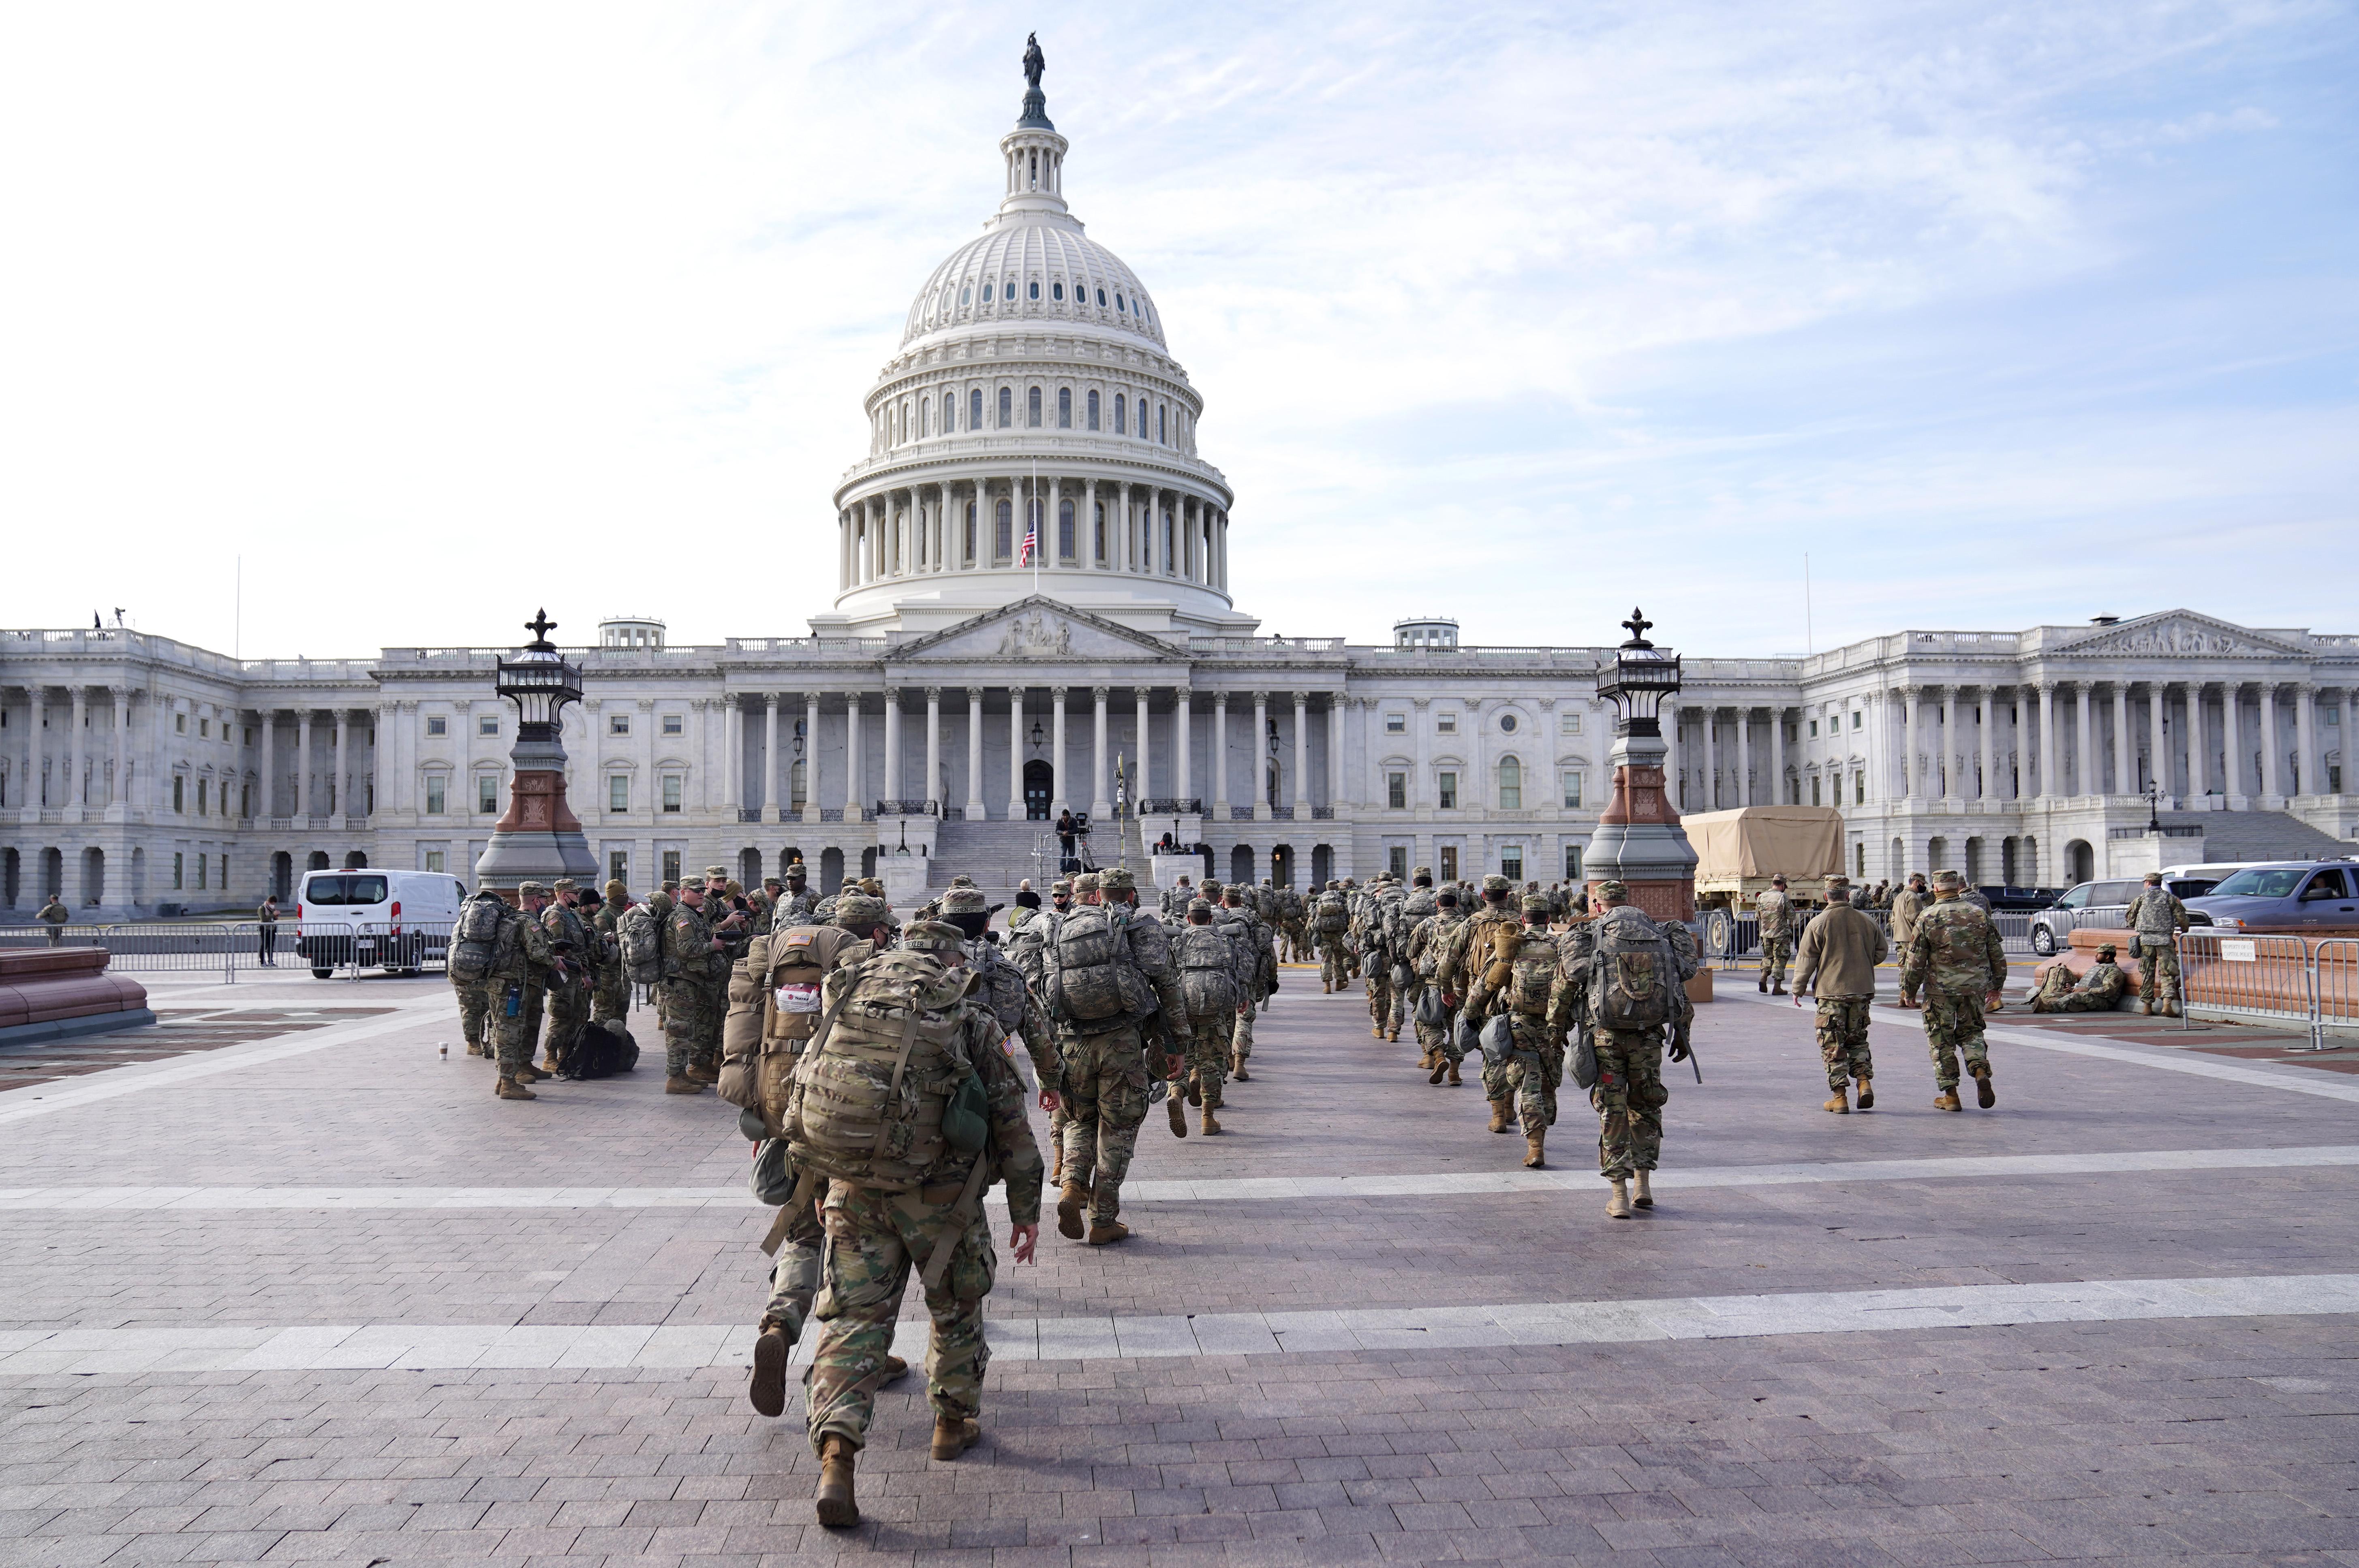 A rendőrség szerint csütörtökön fegyveresek támadhatják meg a Capitoliumot